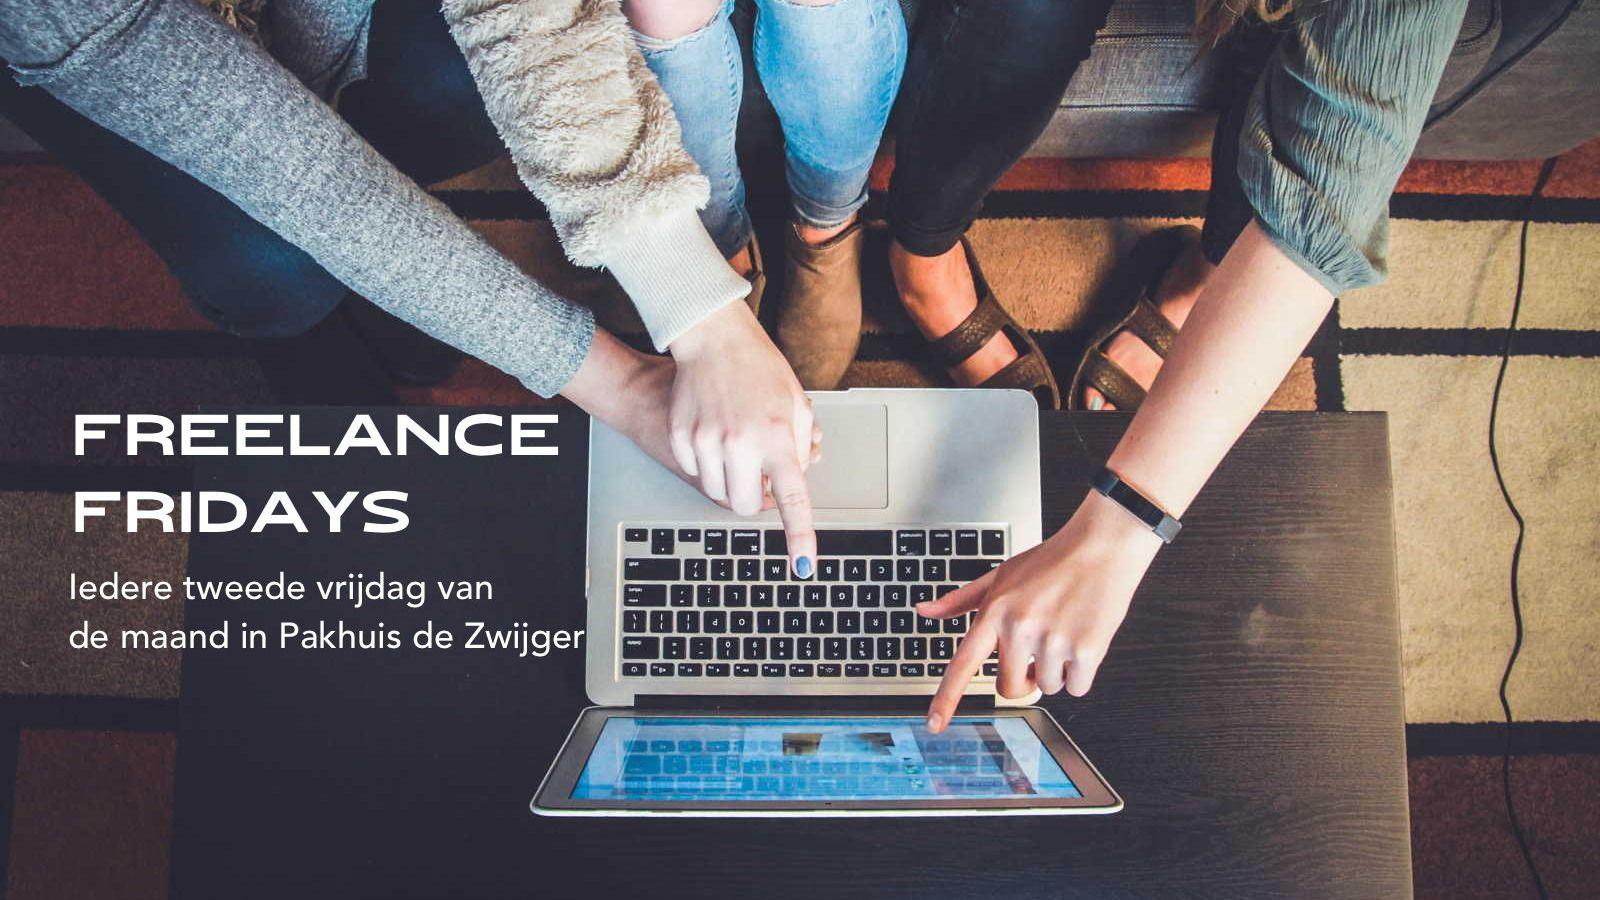 Freelance Fridays